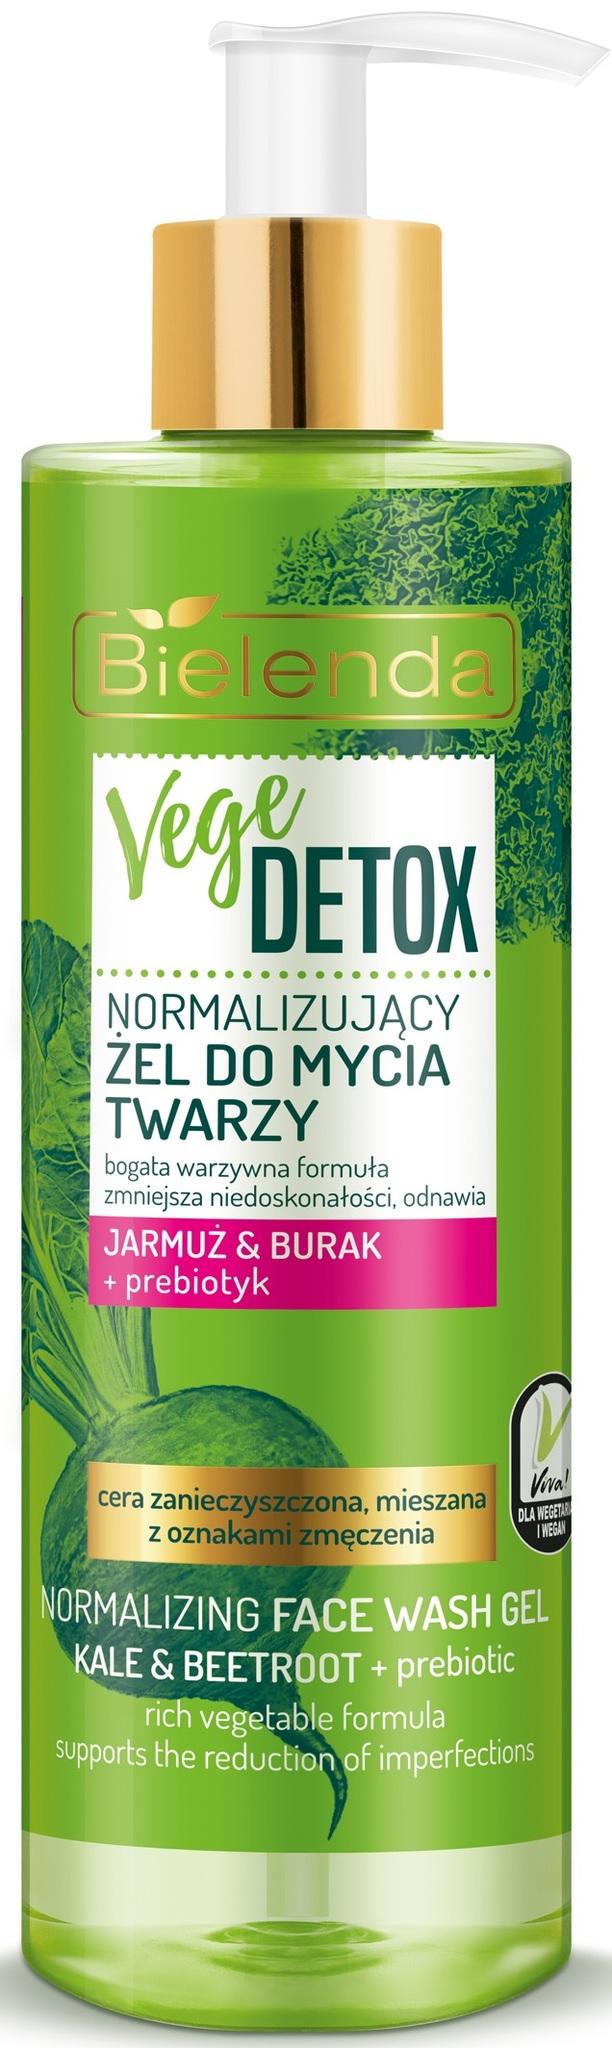 VEGE DETOX Нормализующий гель для умывания лица, смешанная кожа, капуста кале+свекла+пребиотик